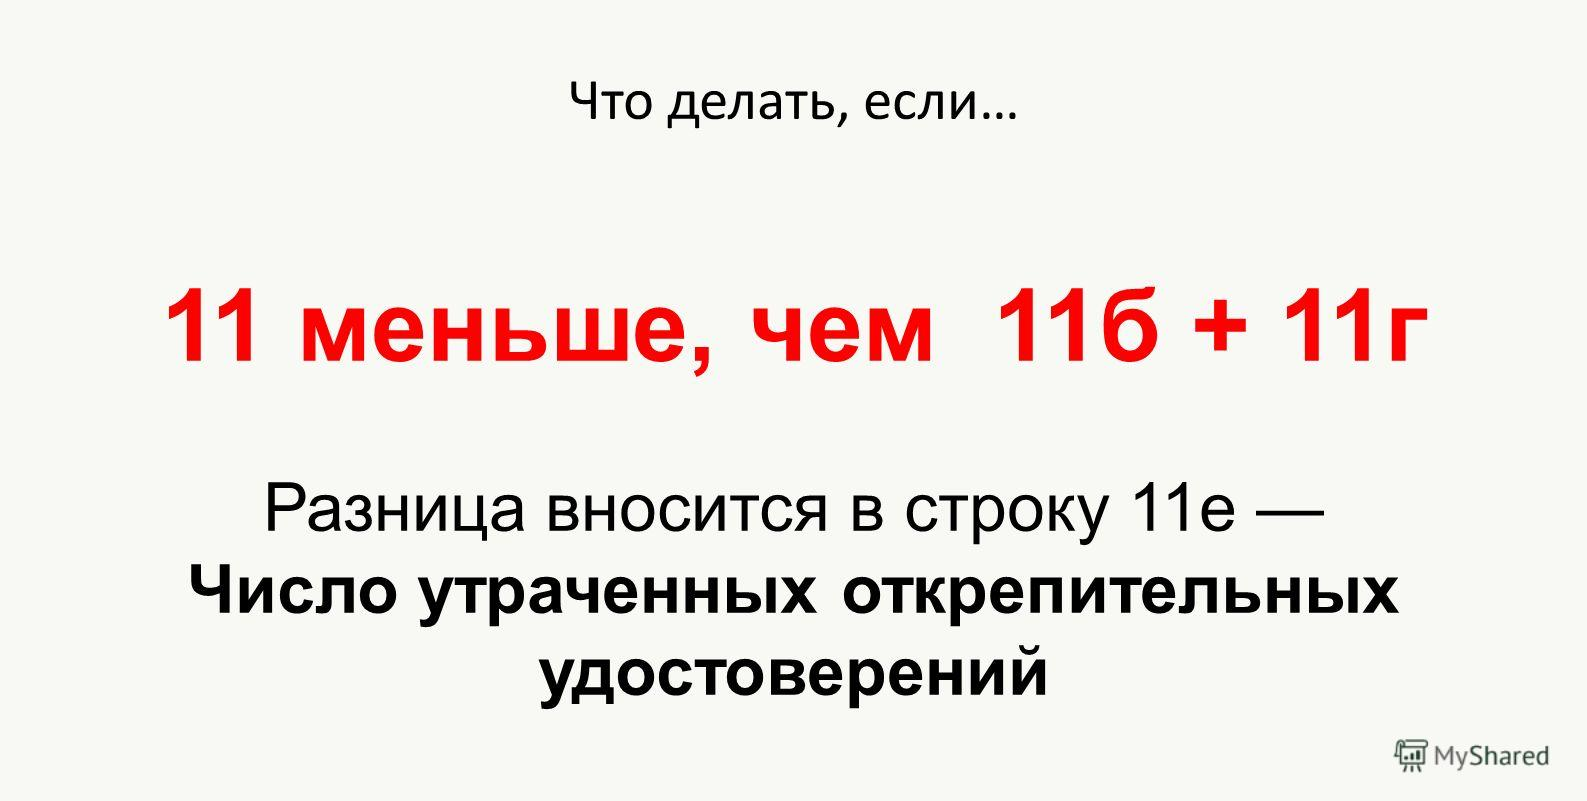 Что делать, если… 11 меньше, чем 11б + 11г Разница вносится в строку 11е Число утраченных открепительных удостоверений